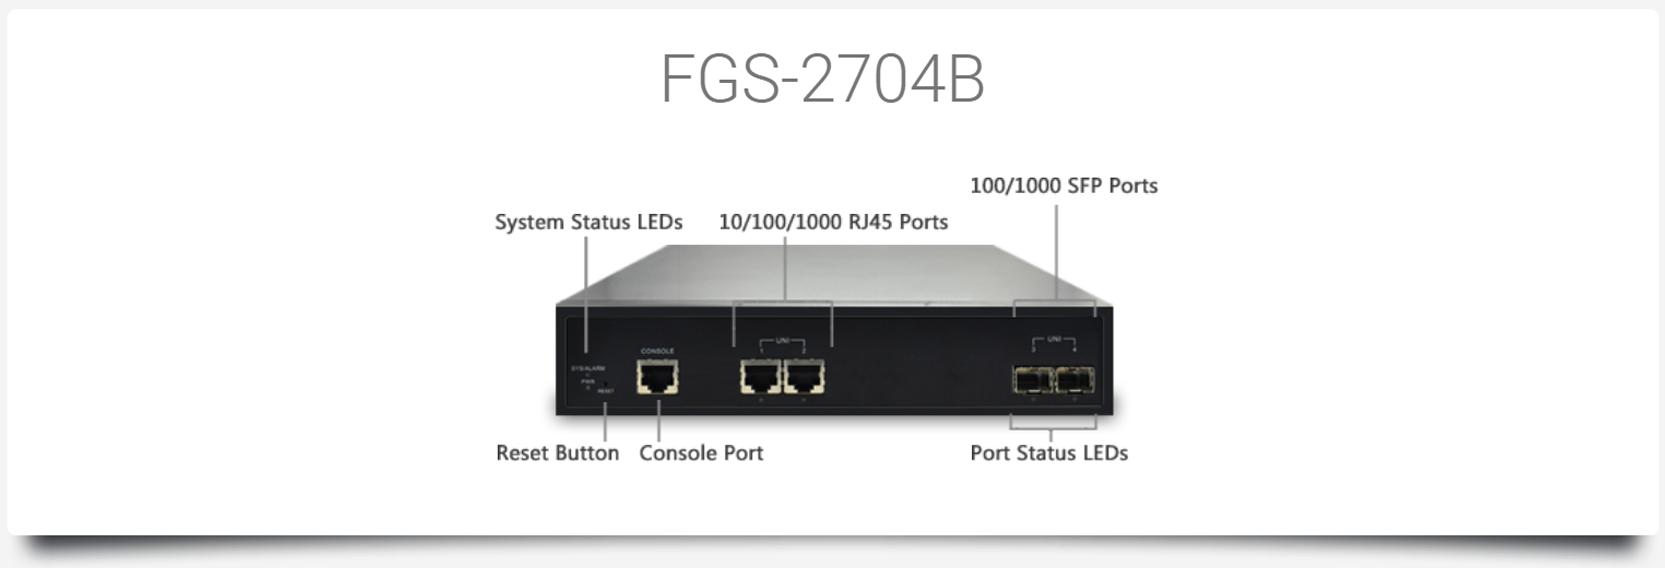 FGS-2704B